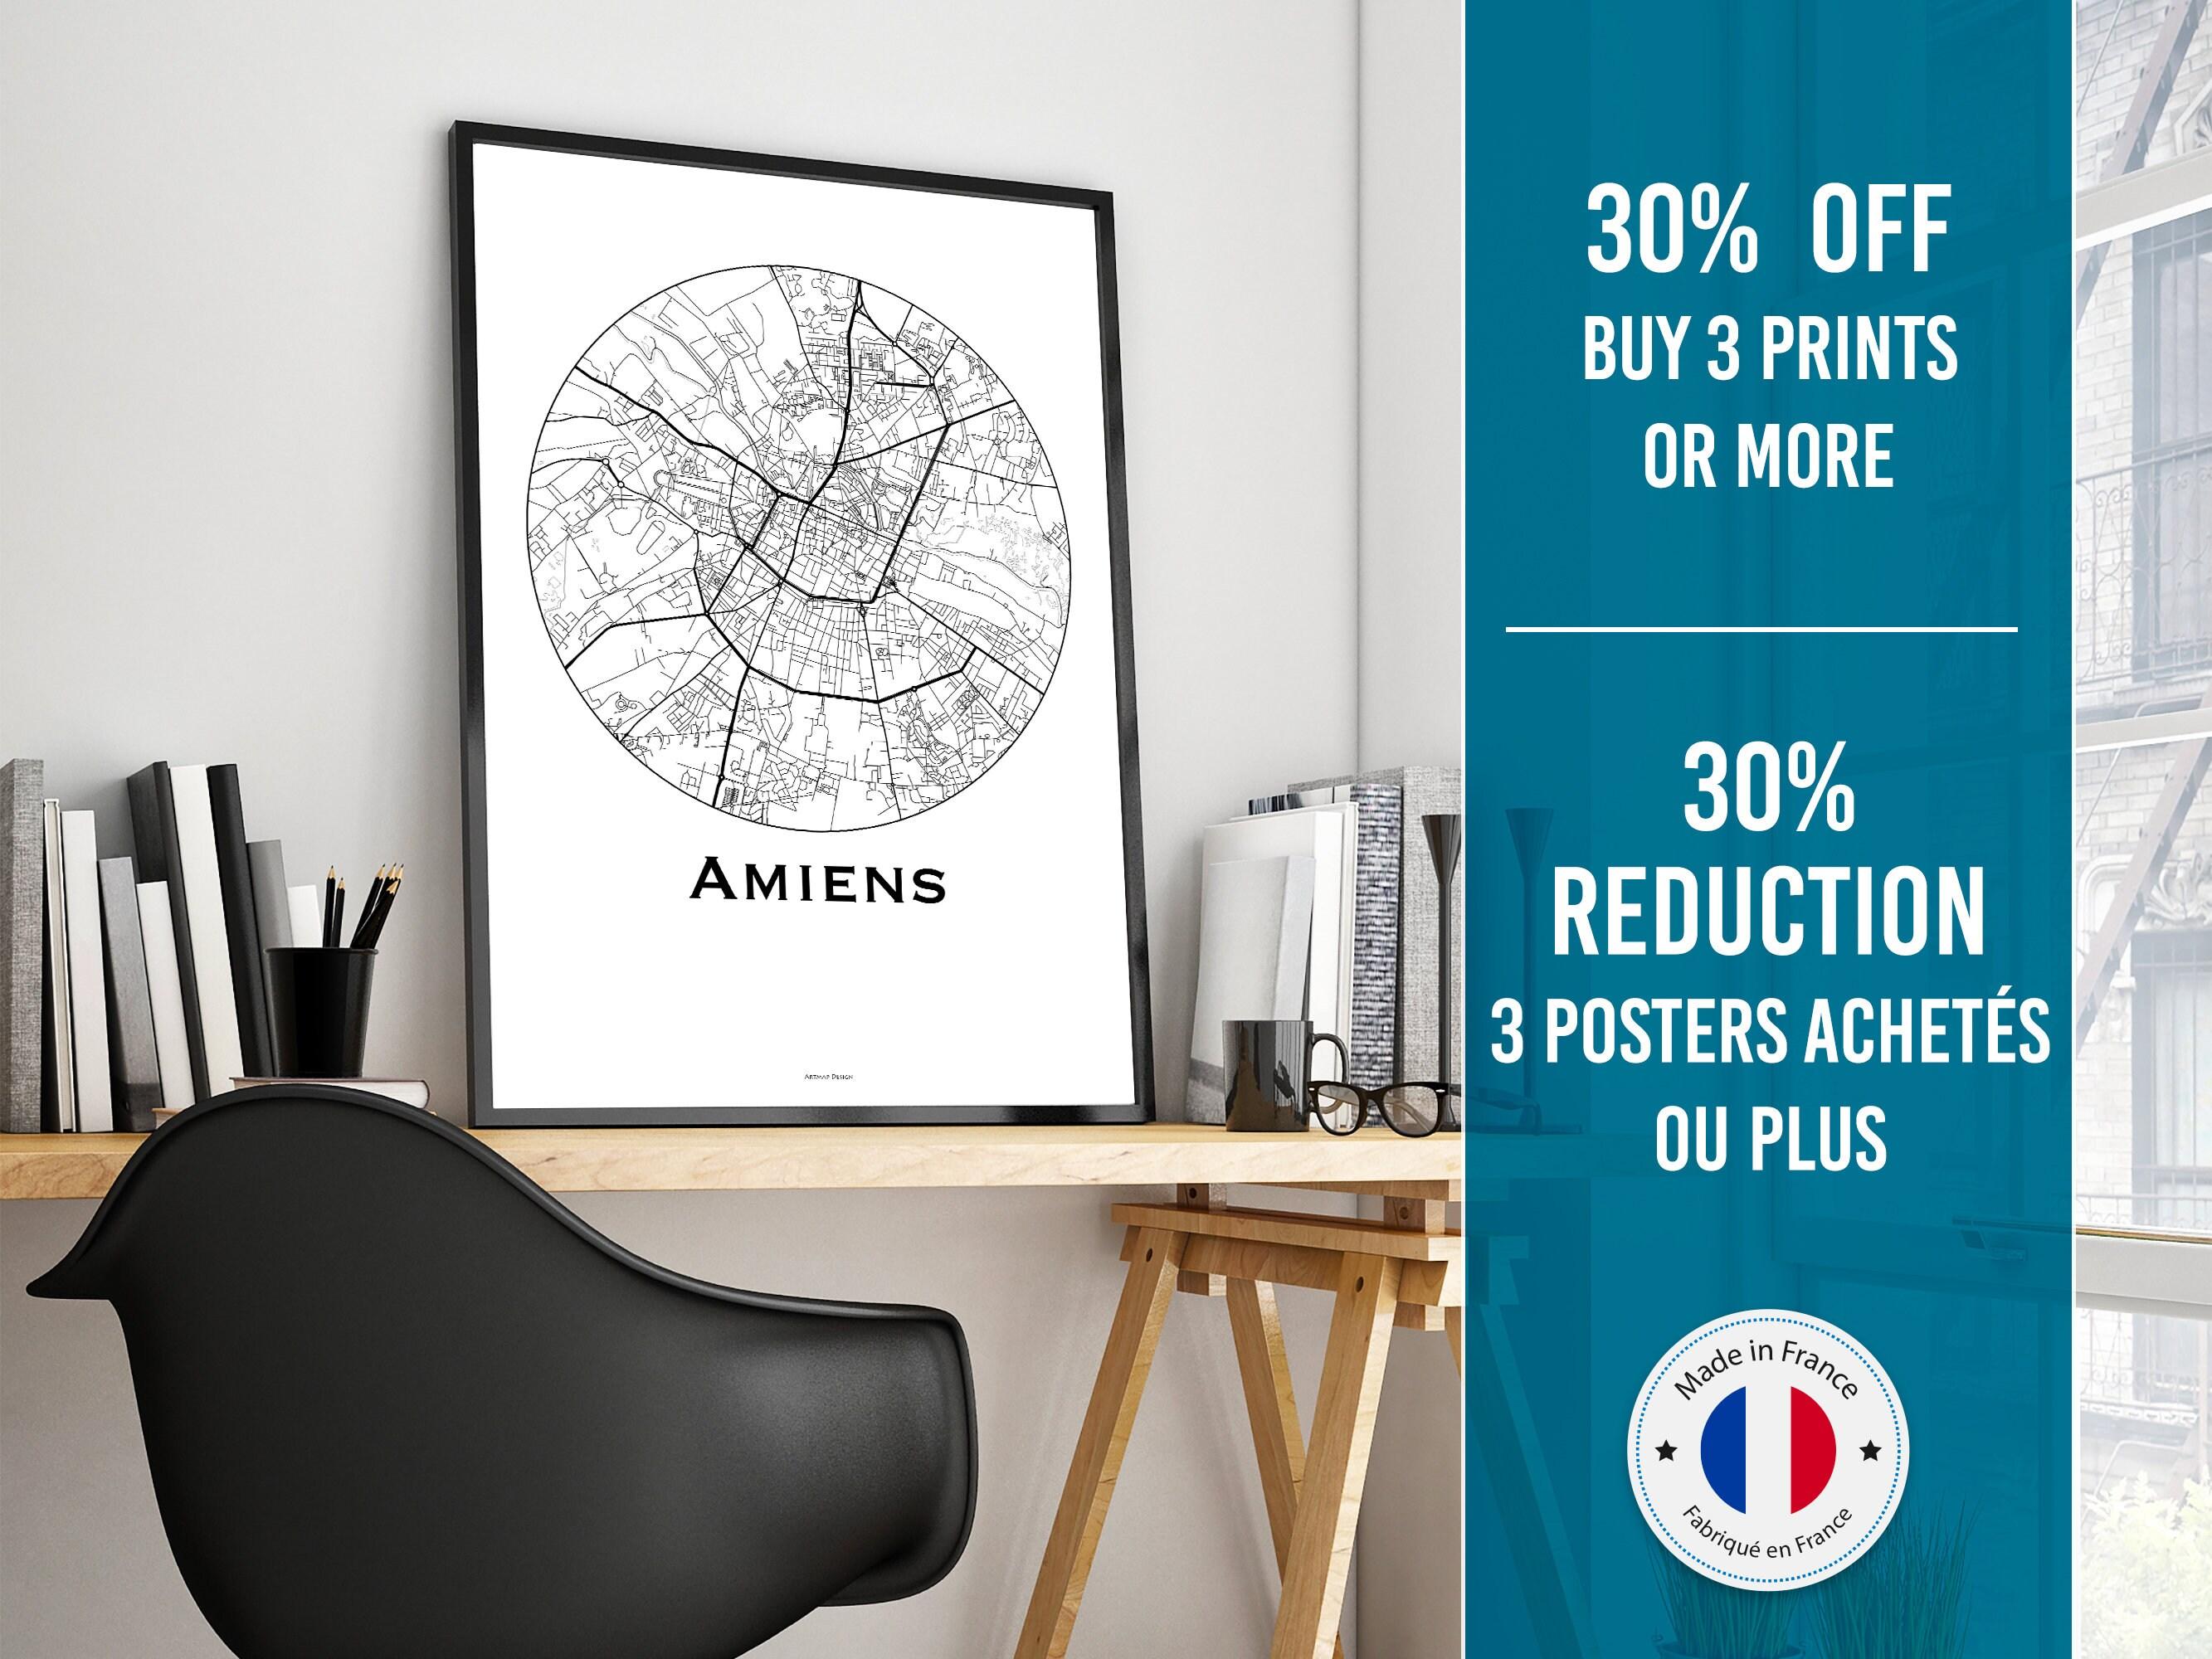 Decoratrice D Interieur Amiens affiche carte amiens france minimalist map | city map, poster de ville,  décoration murale, plan de ville